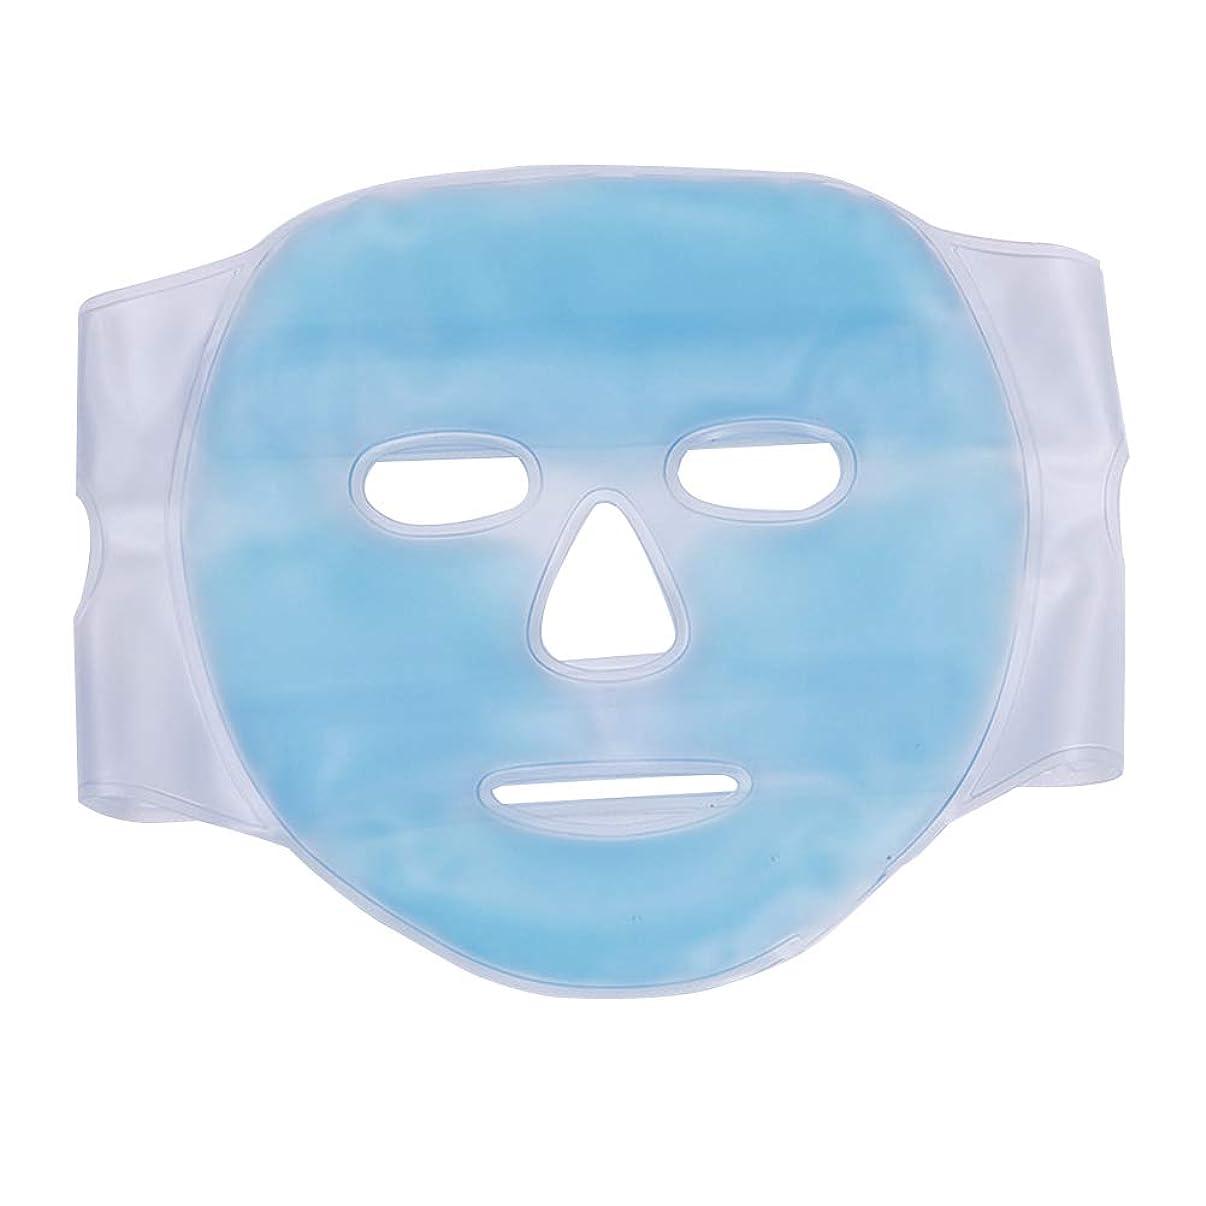 特別にミニお酢Healifty Gelコールド&ホットコンプレッションフェイシャルPVCアイスマスクフェイス(腫れぼったい顔用)ふくらんでいる目ダークサークル(ブルー)